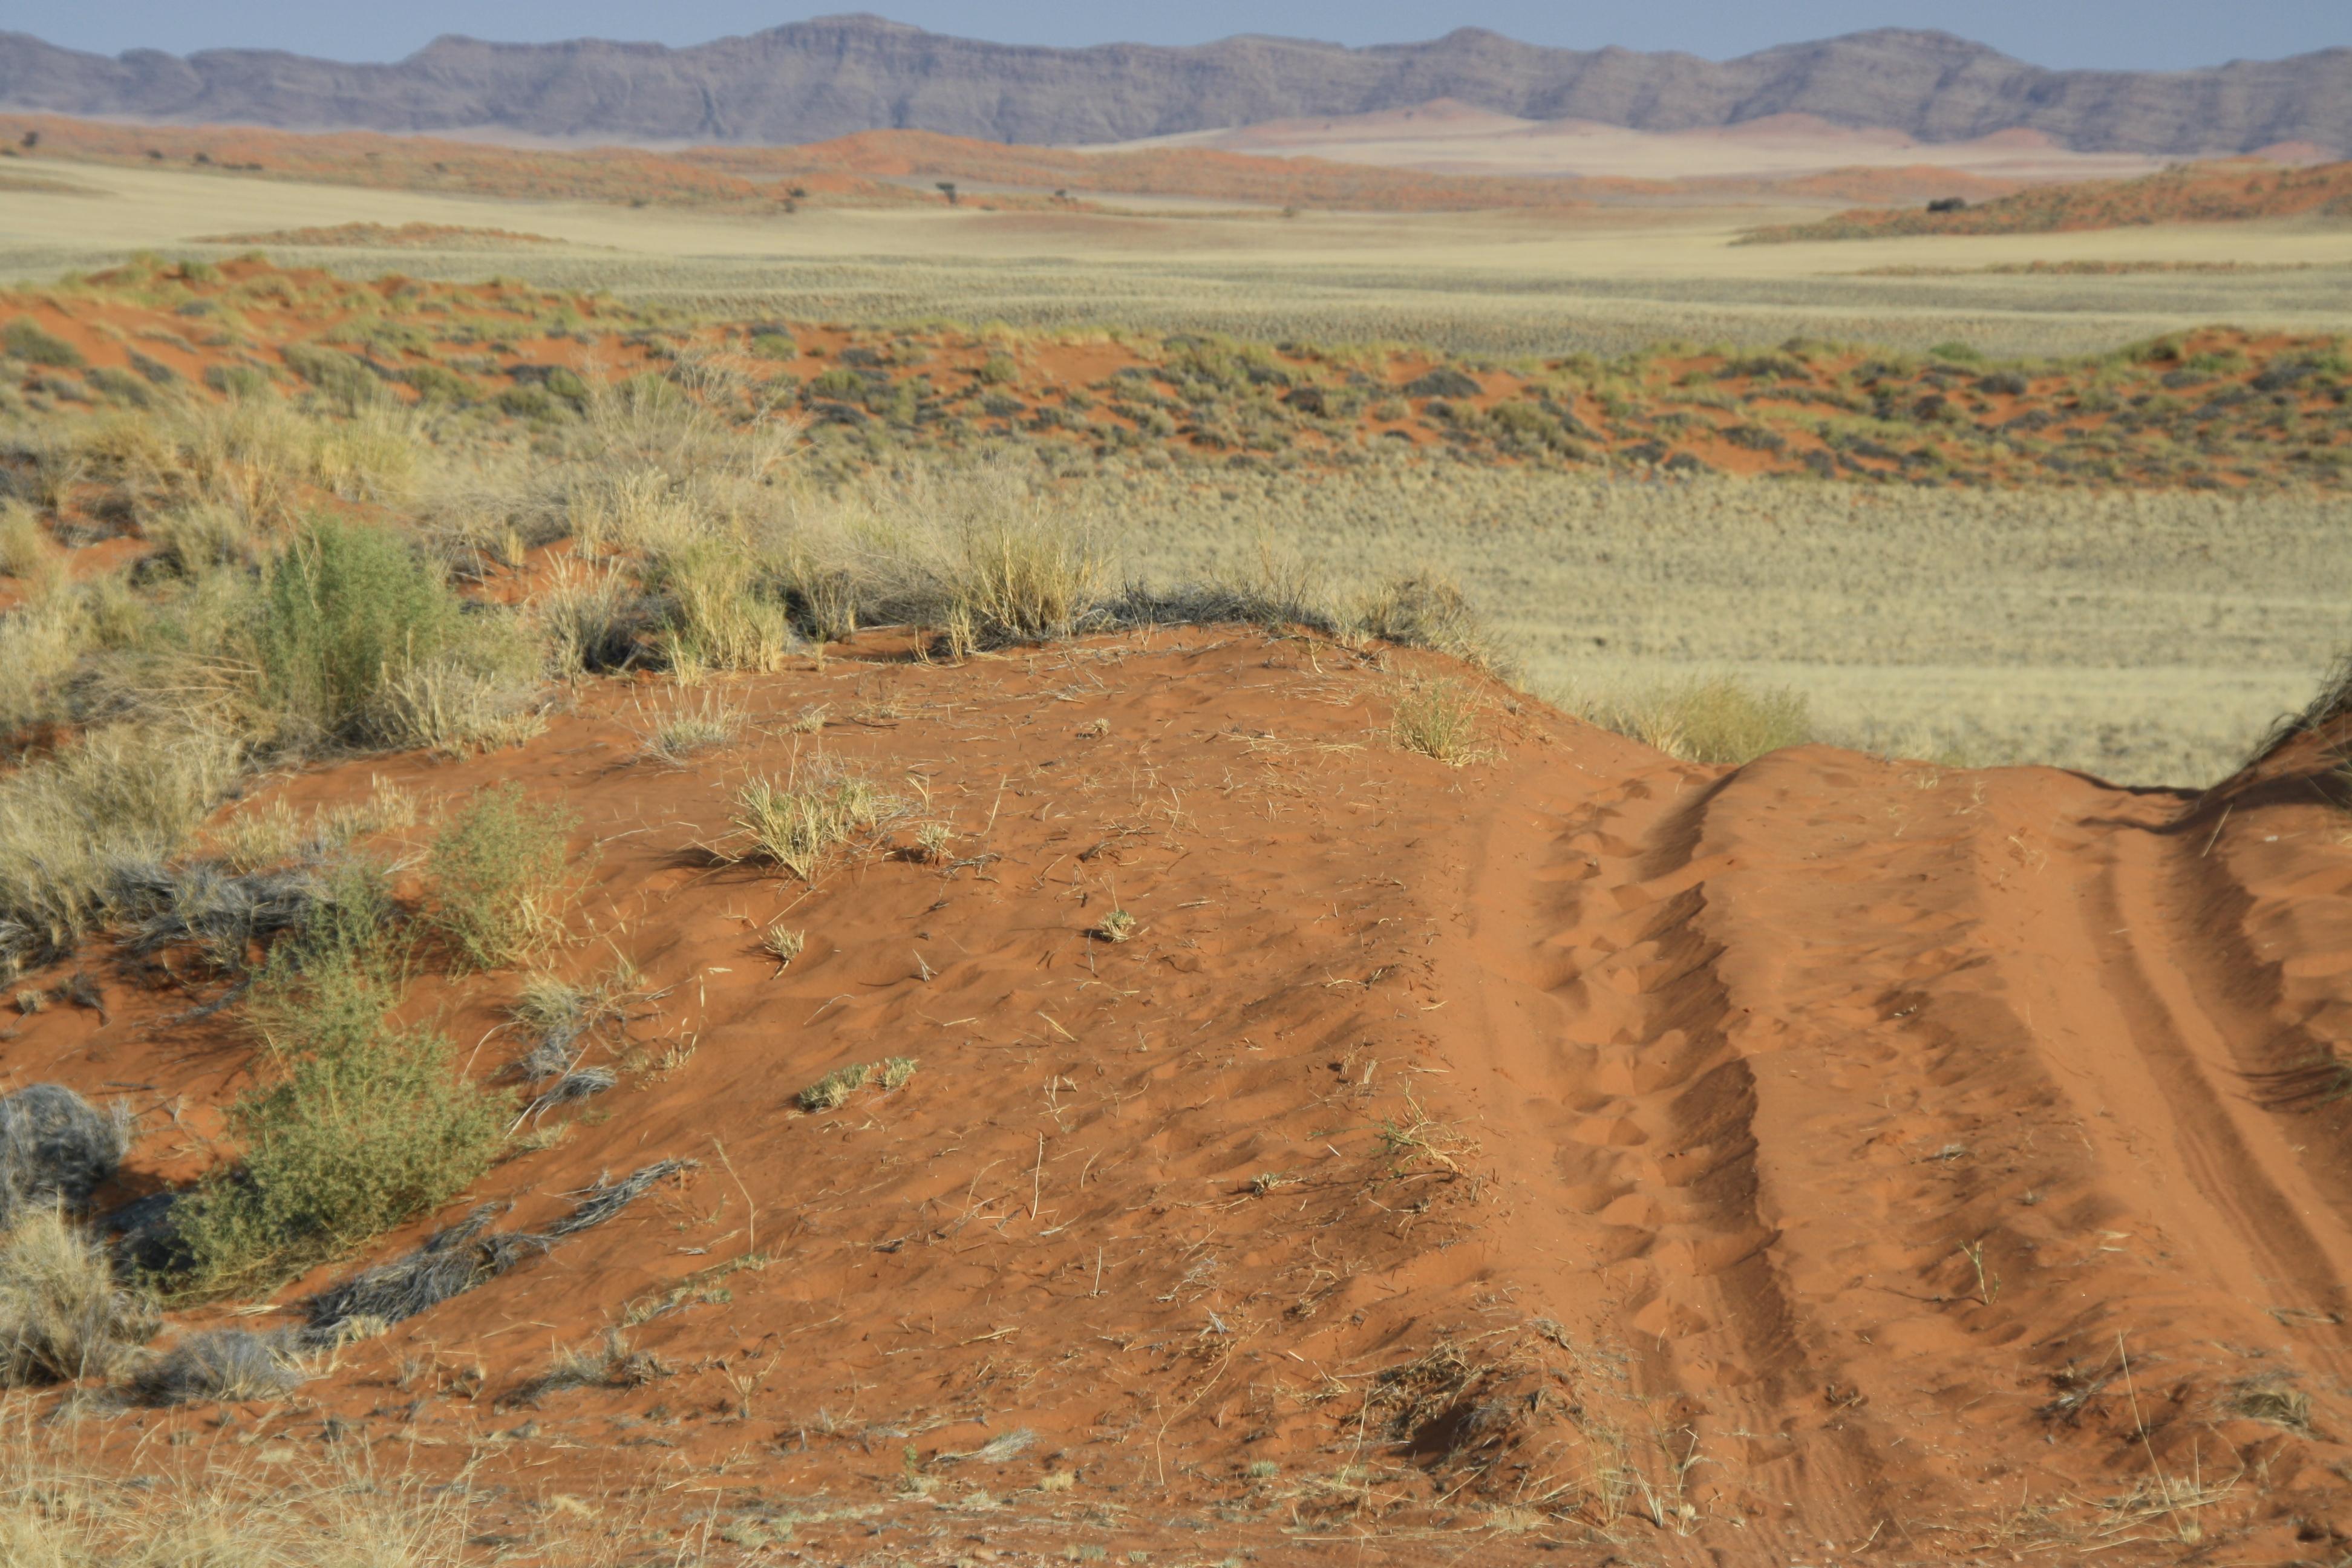 Wüste Namib Naukluft Namibia